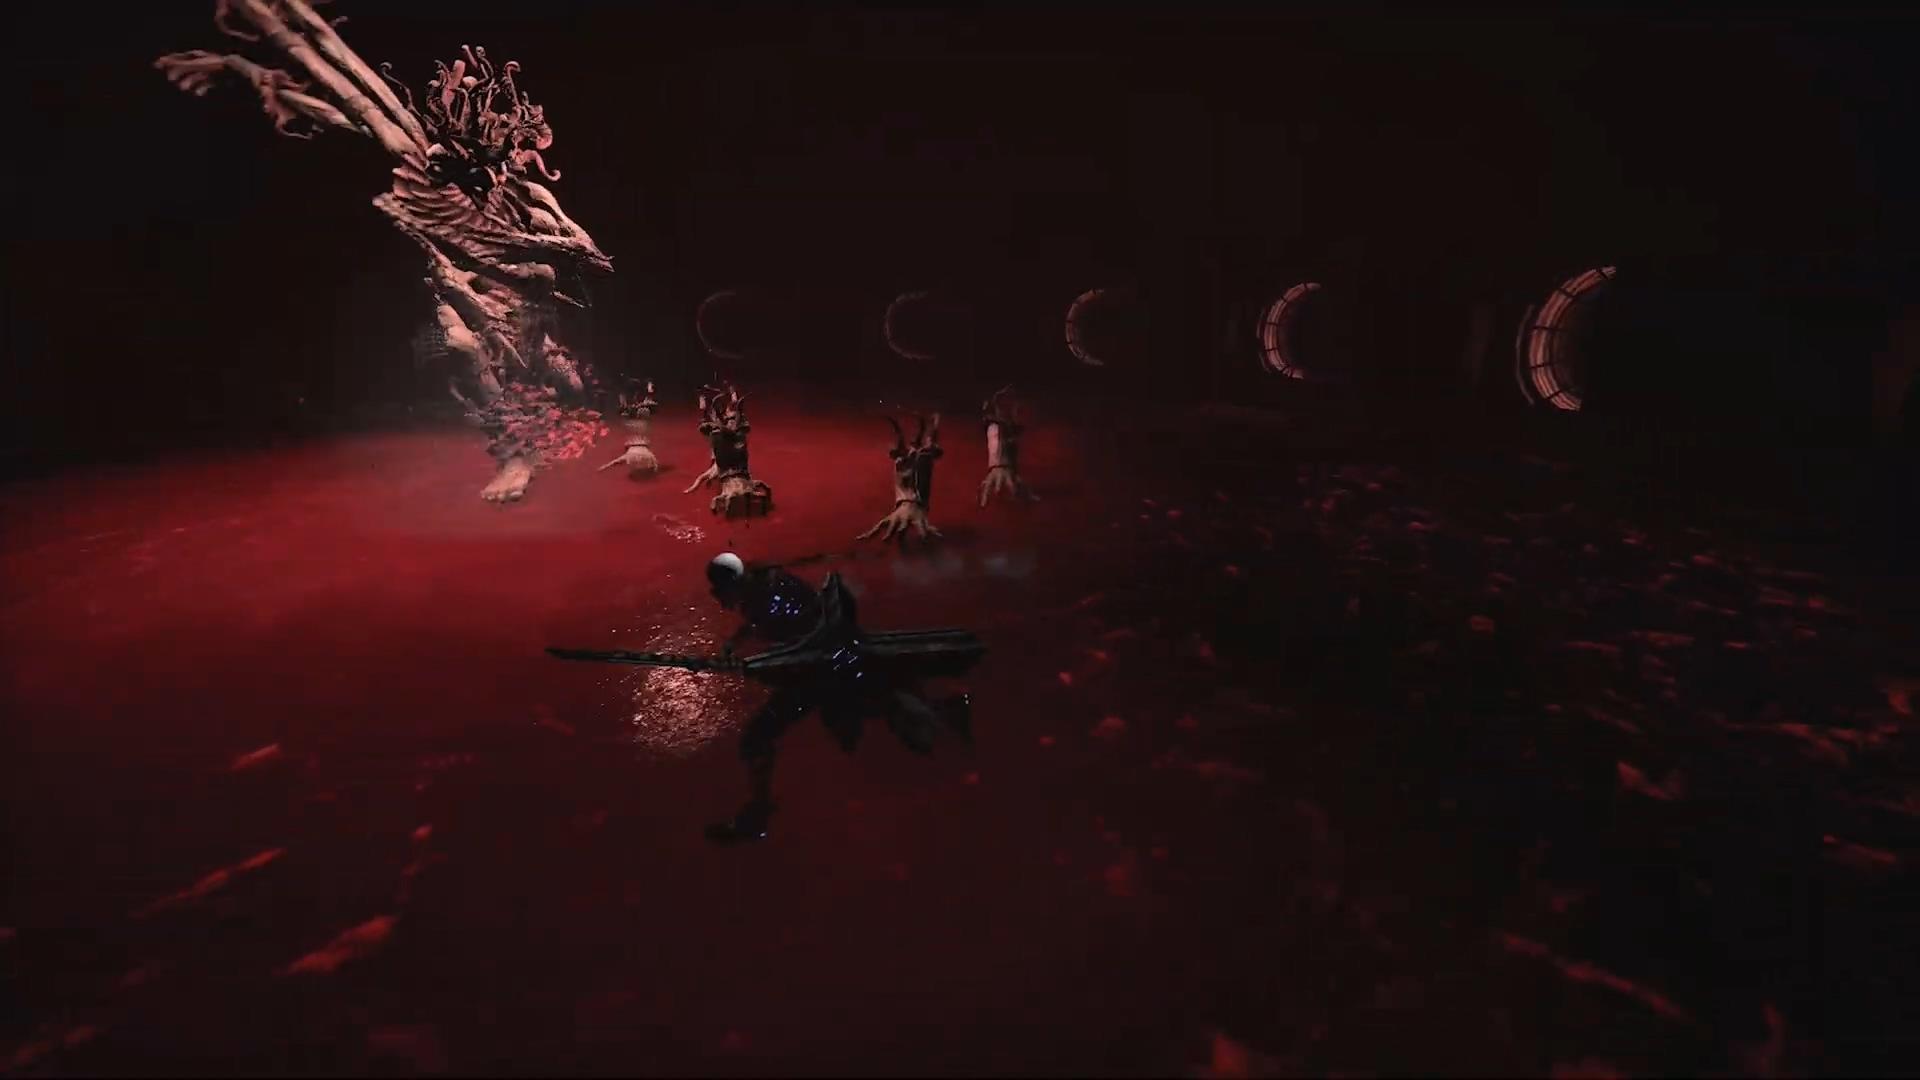 魂系科幻RPG《地狱时刻》7月30日发售 新预告发布